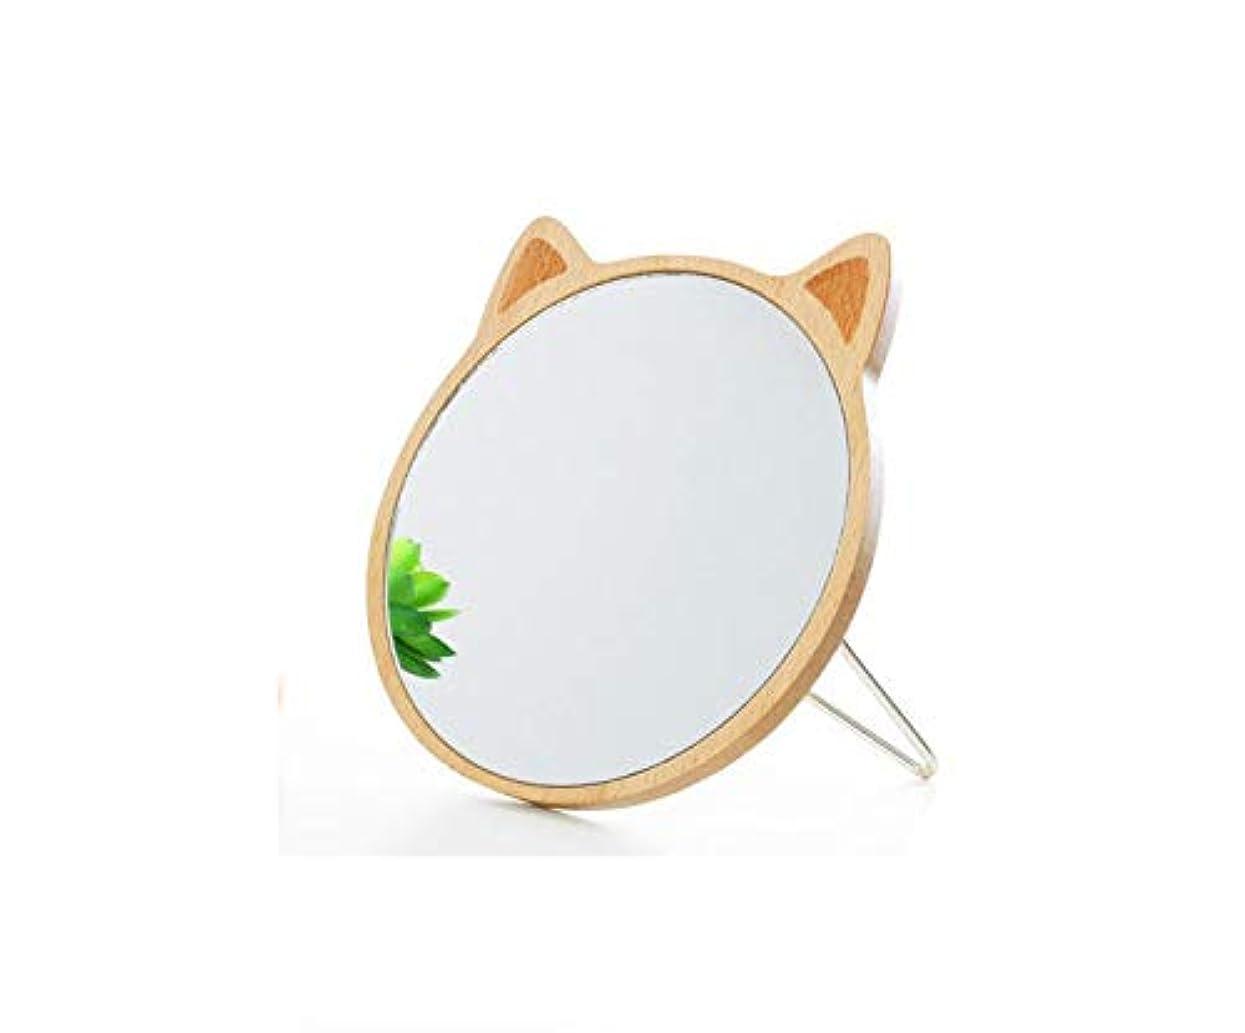 郵便屋さん見分ける類似性化粧鏡、かわいい丸い猫の耳木製化粧鏡化粧ギフト